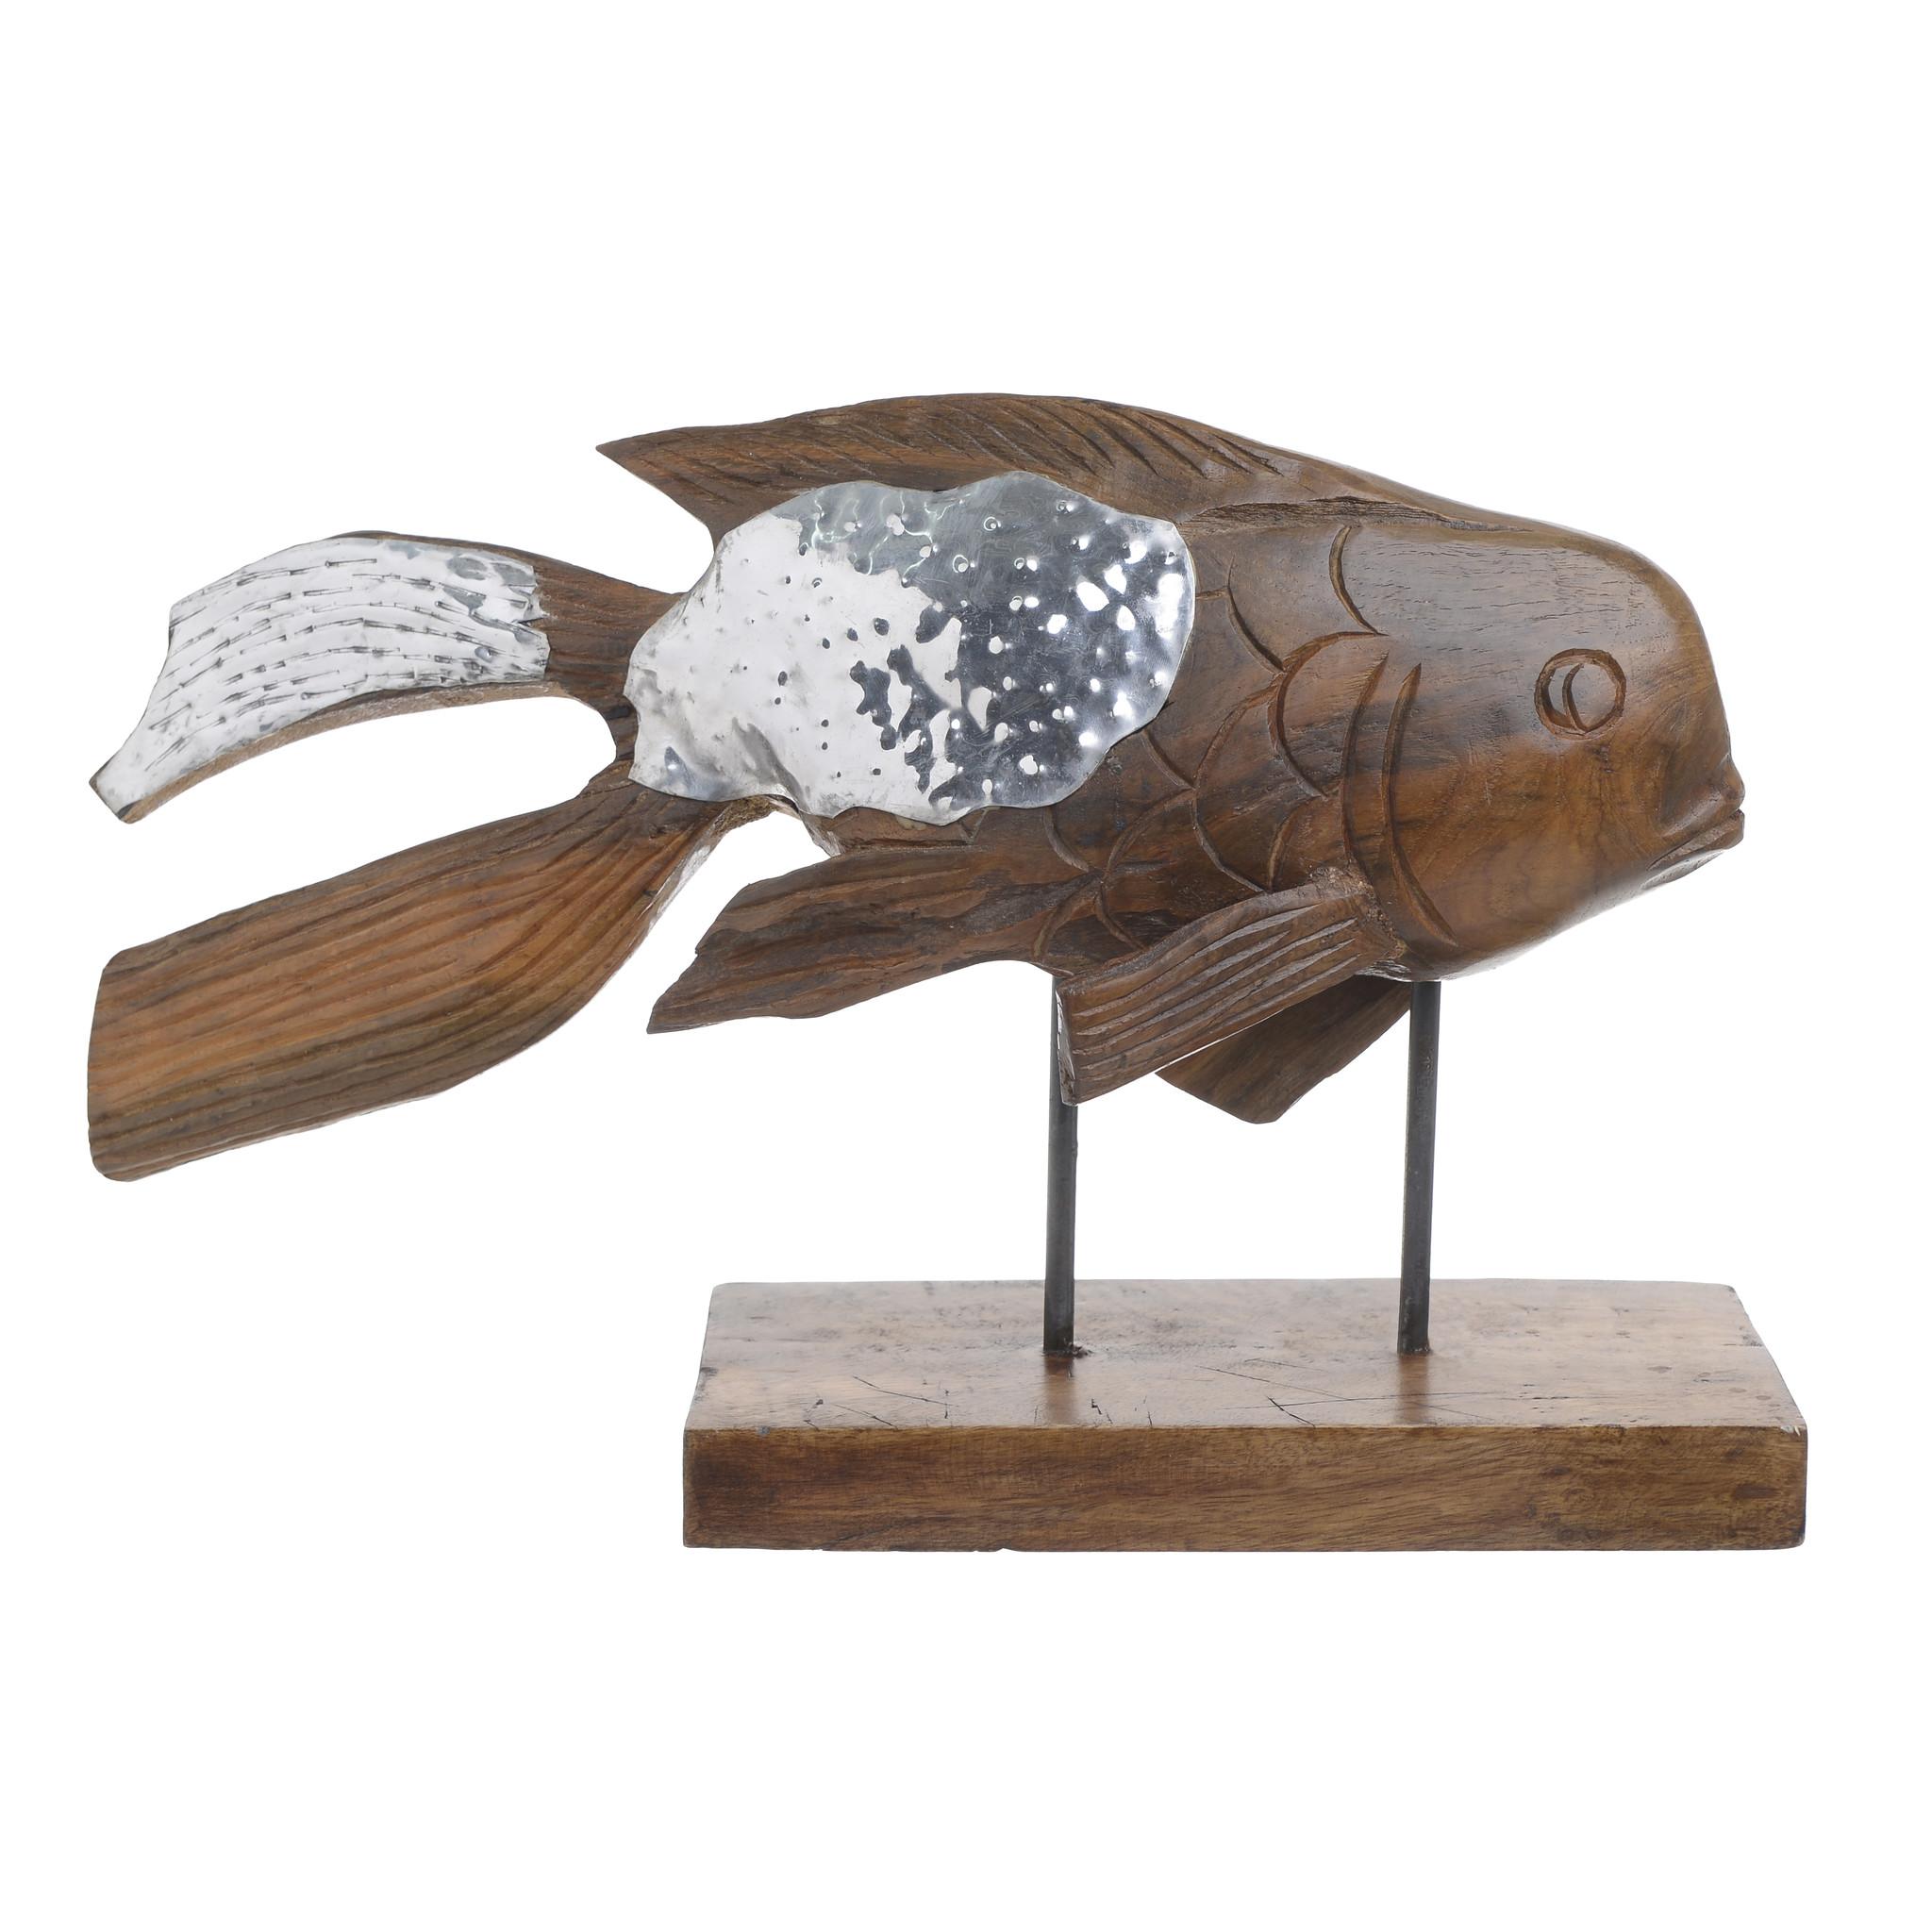 Купить Декор настольный рыба из дерева, inmyroom, Греция